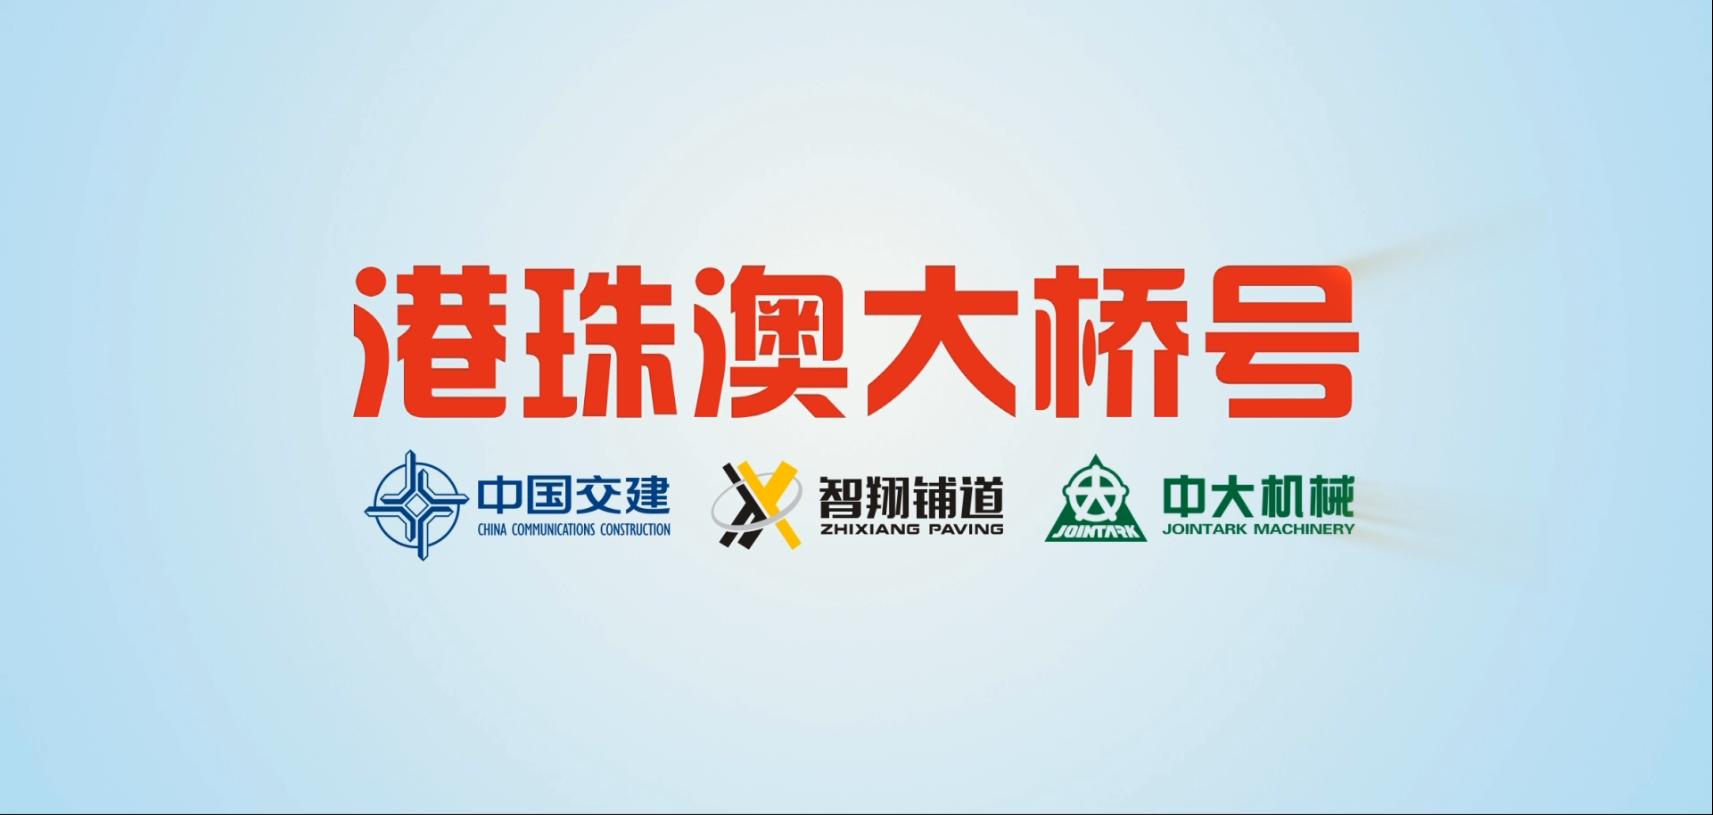 港珠澳大桥号媒体报道集锦